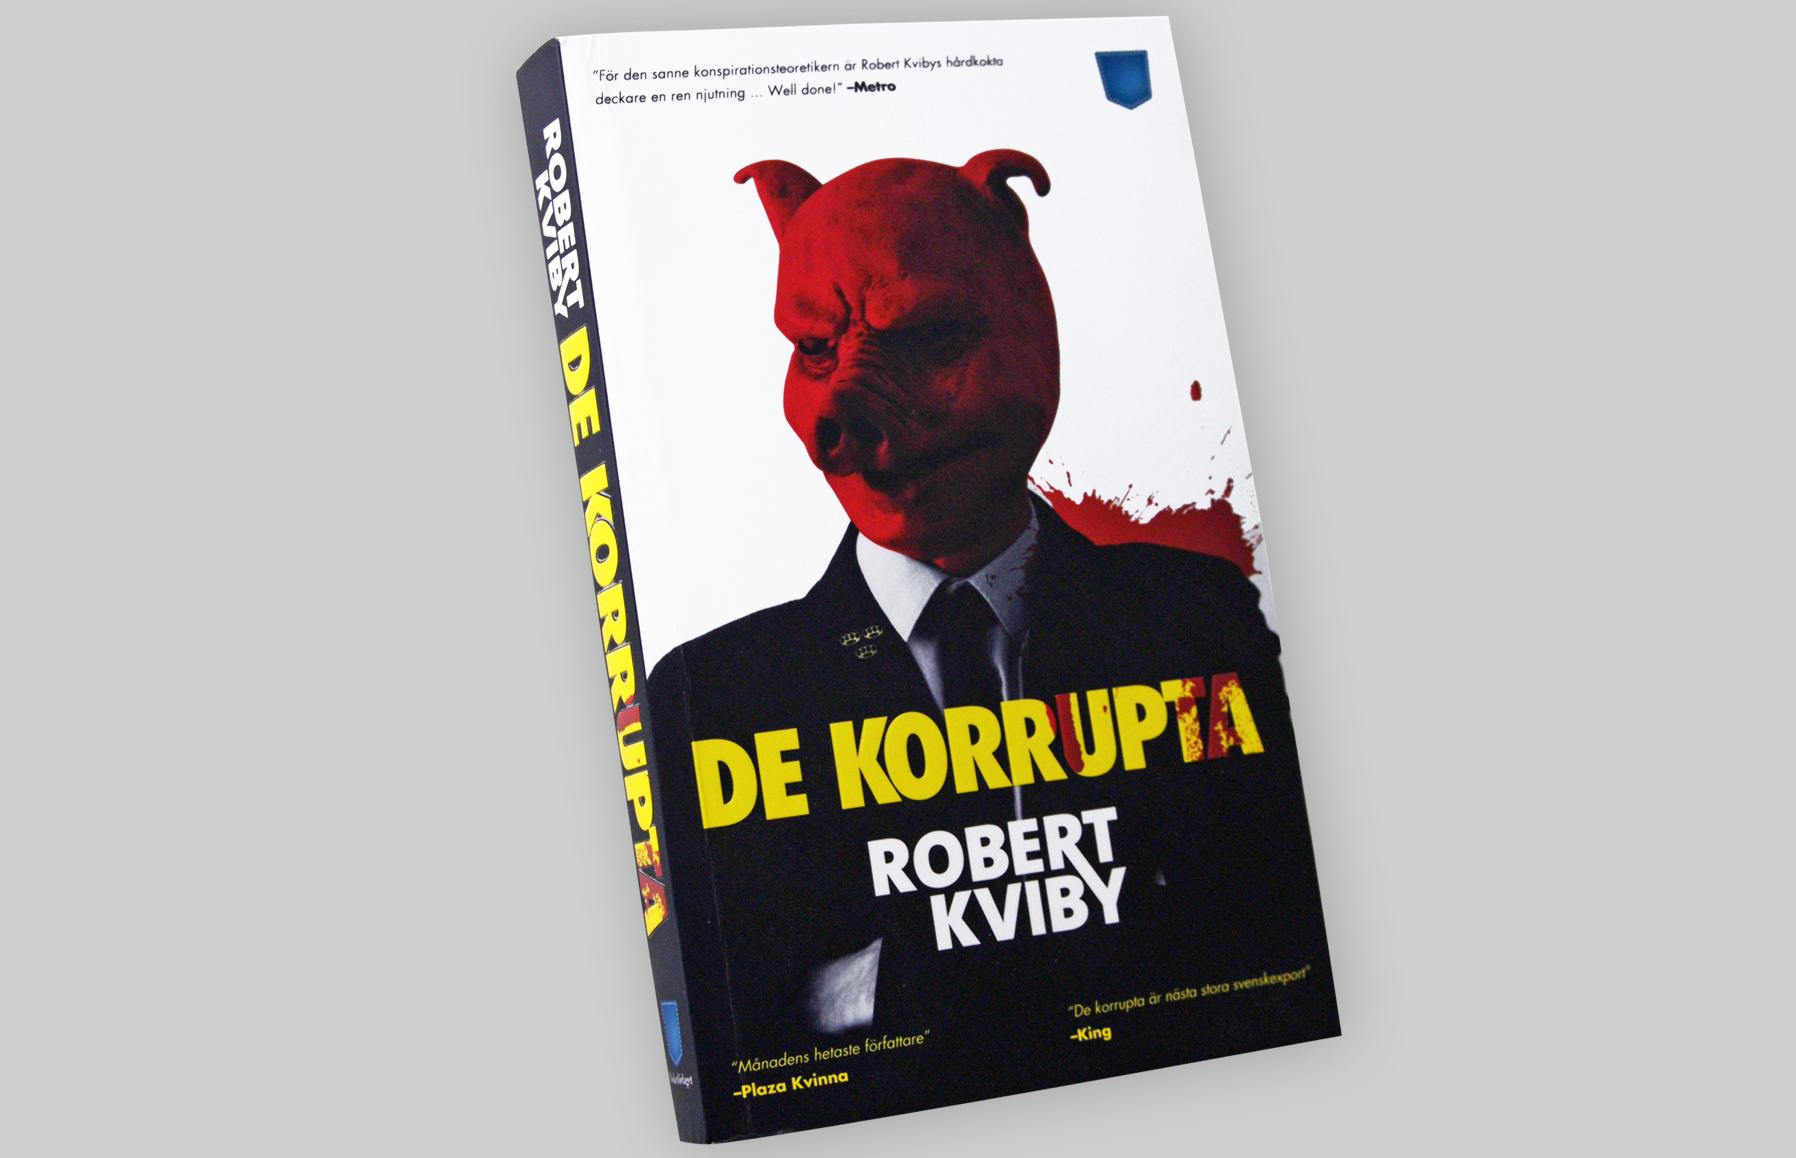 De Korrupta, Pocketförlaget